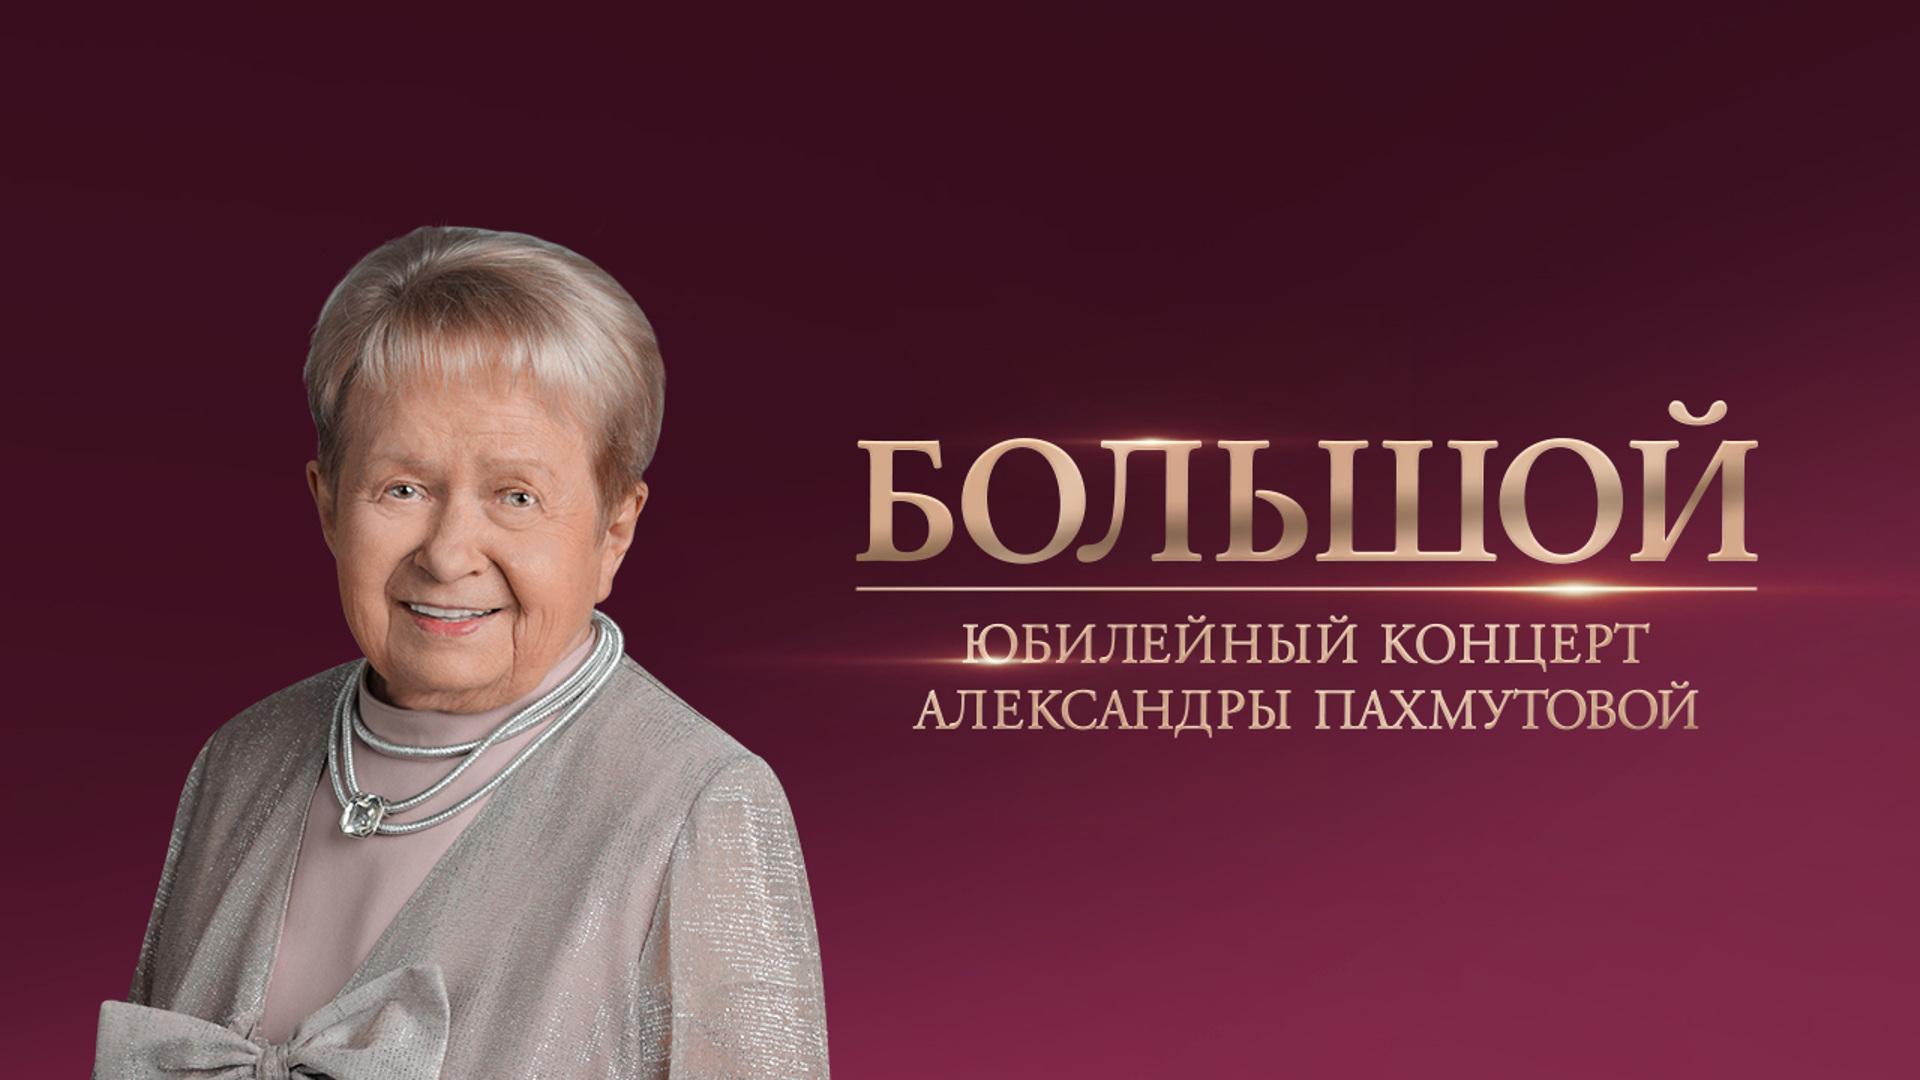 Большой юбилейный концерт Александры Пахмутовой